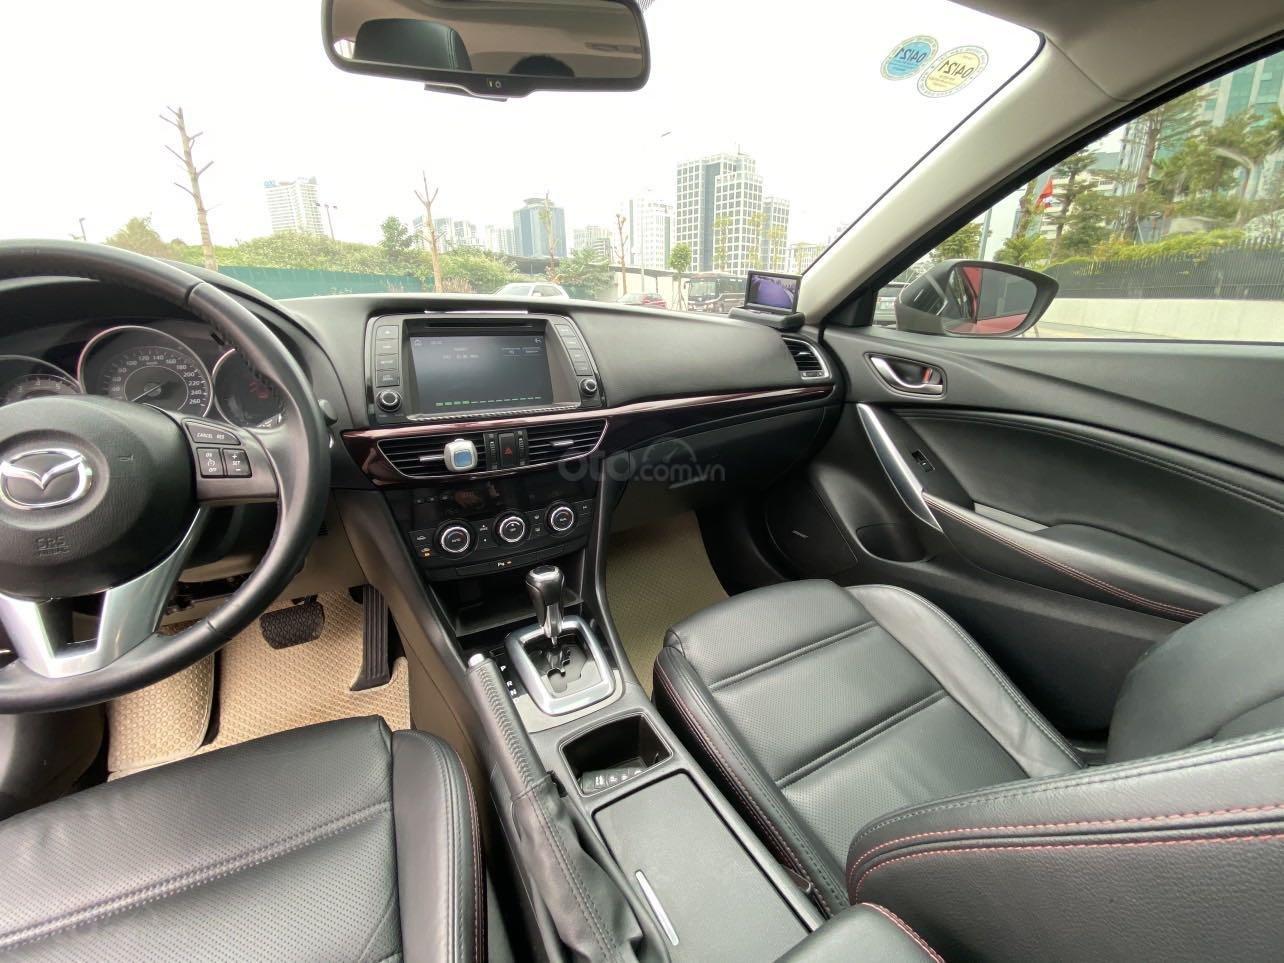 Bán nhanh chiếc Mazda 6 2.5AT 2015 chủ đi cực giữ gìn (12)